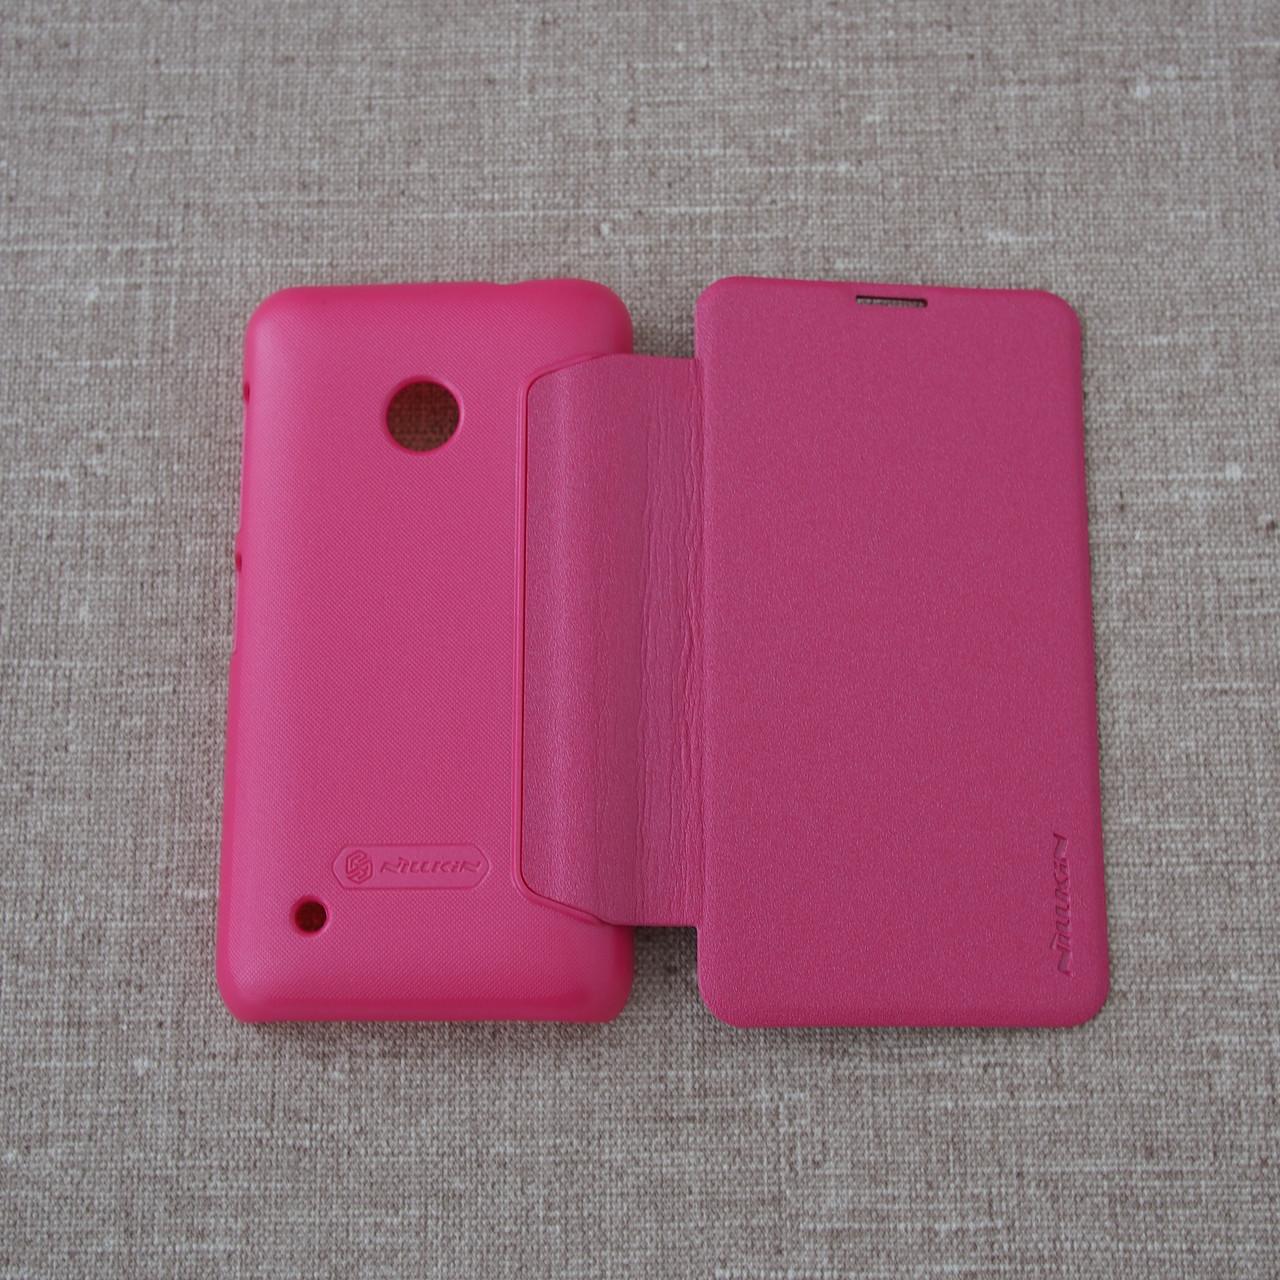 Nillkin Sparkle Nokia Lumia 530 pink Для телефона